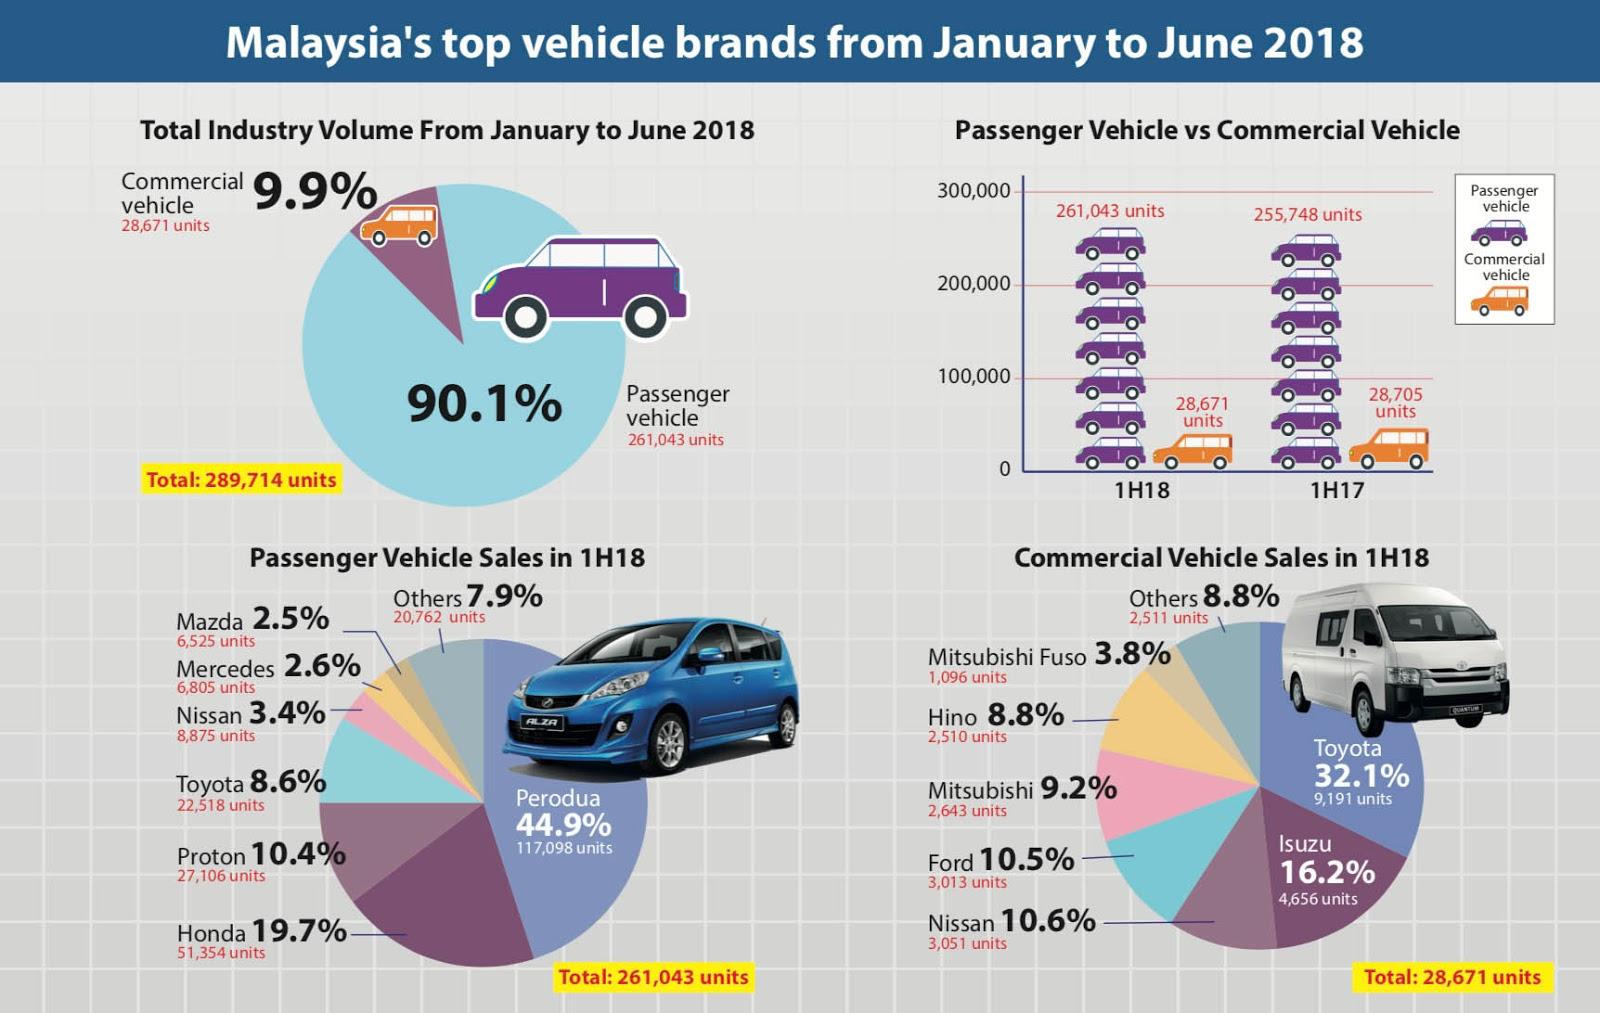 Jenama Kereta Paling Banyak Terjual Di Malaysia Dari Jan Ke Jun 2018 Jasduit